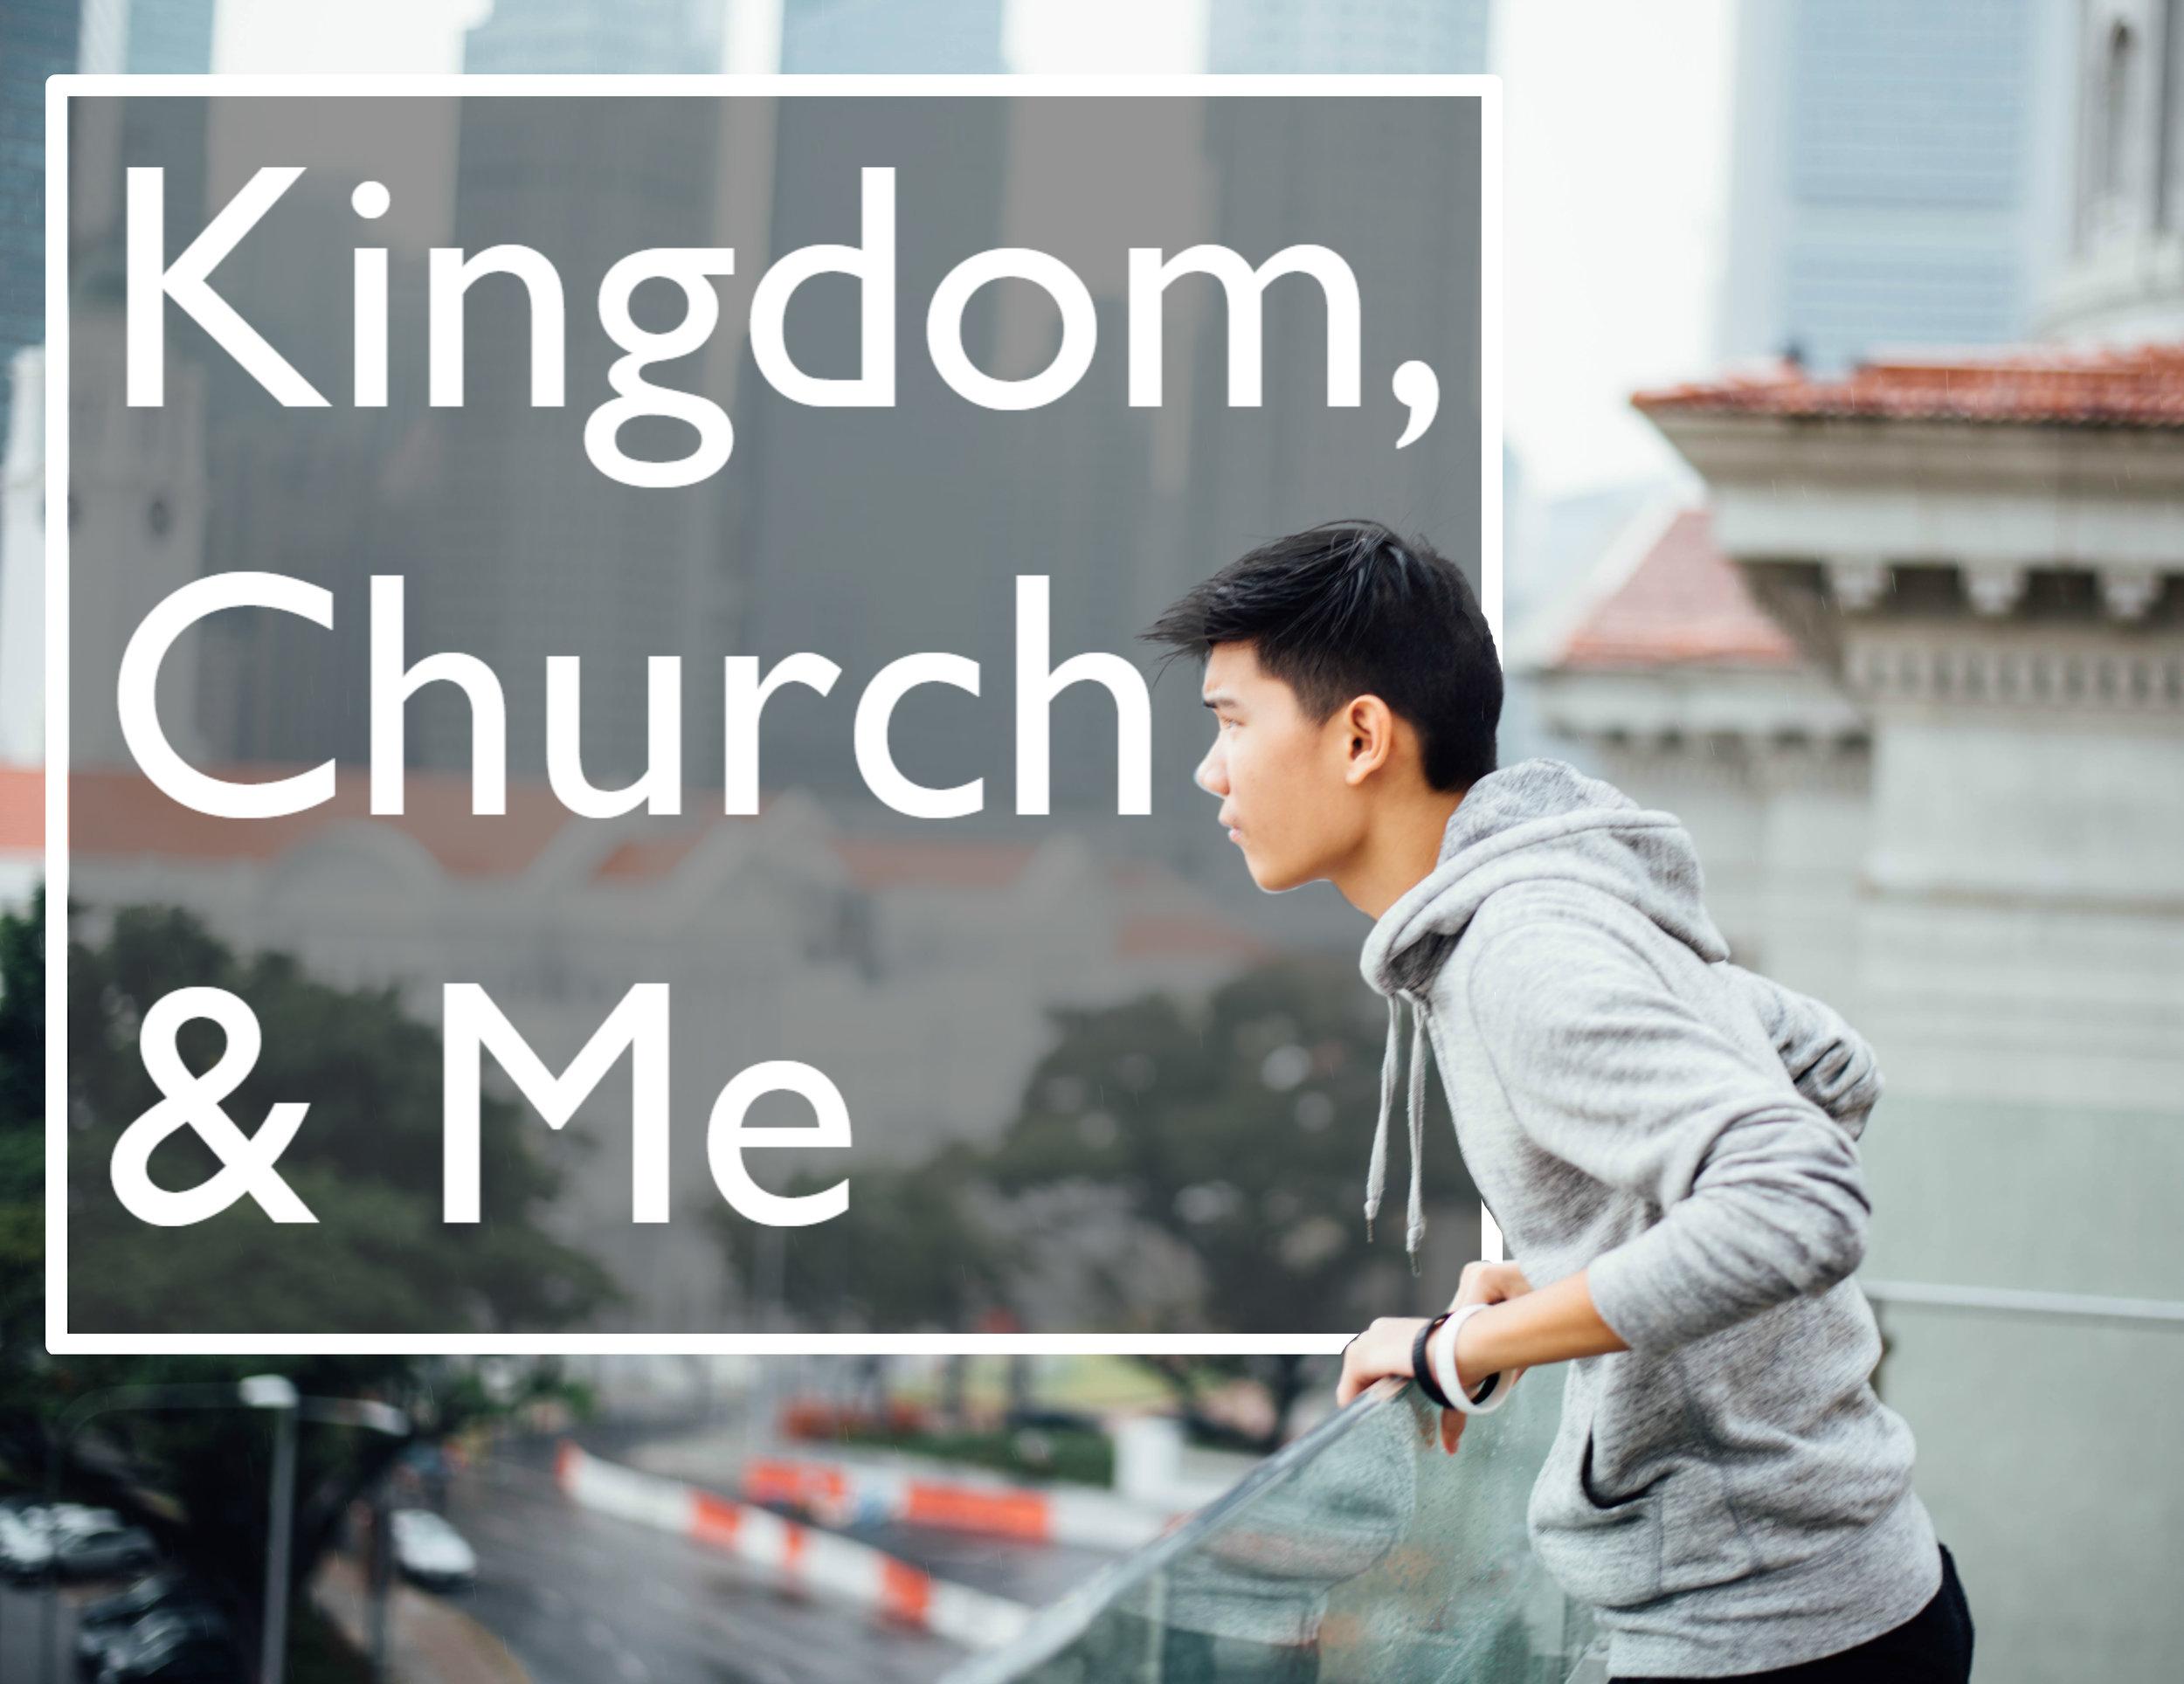 Kingdomchurch&me.jpg